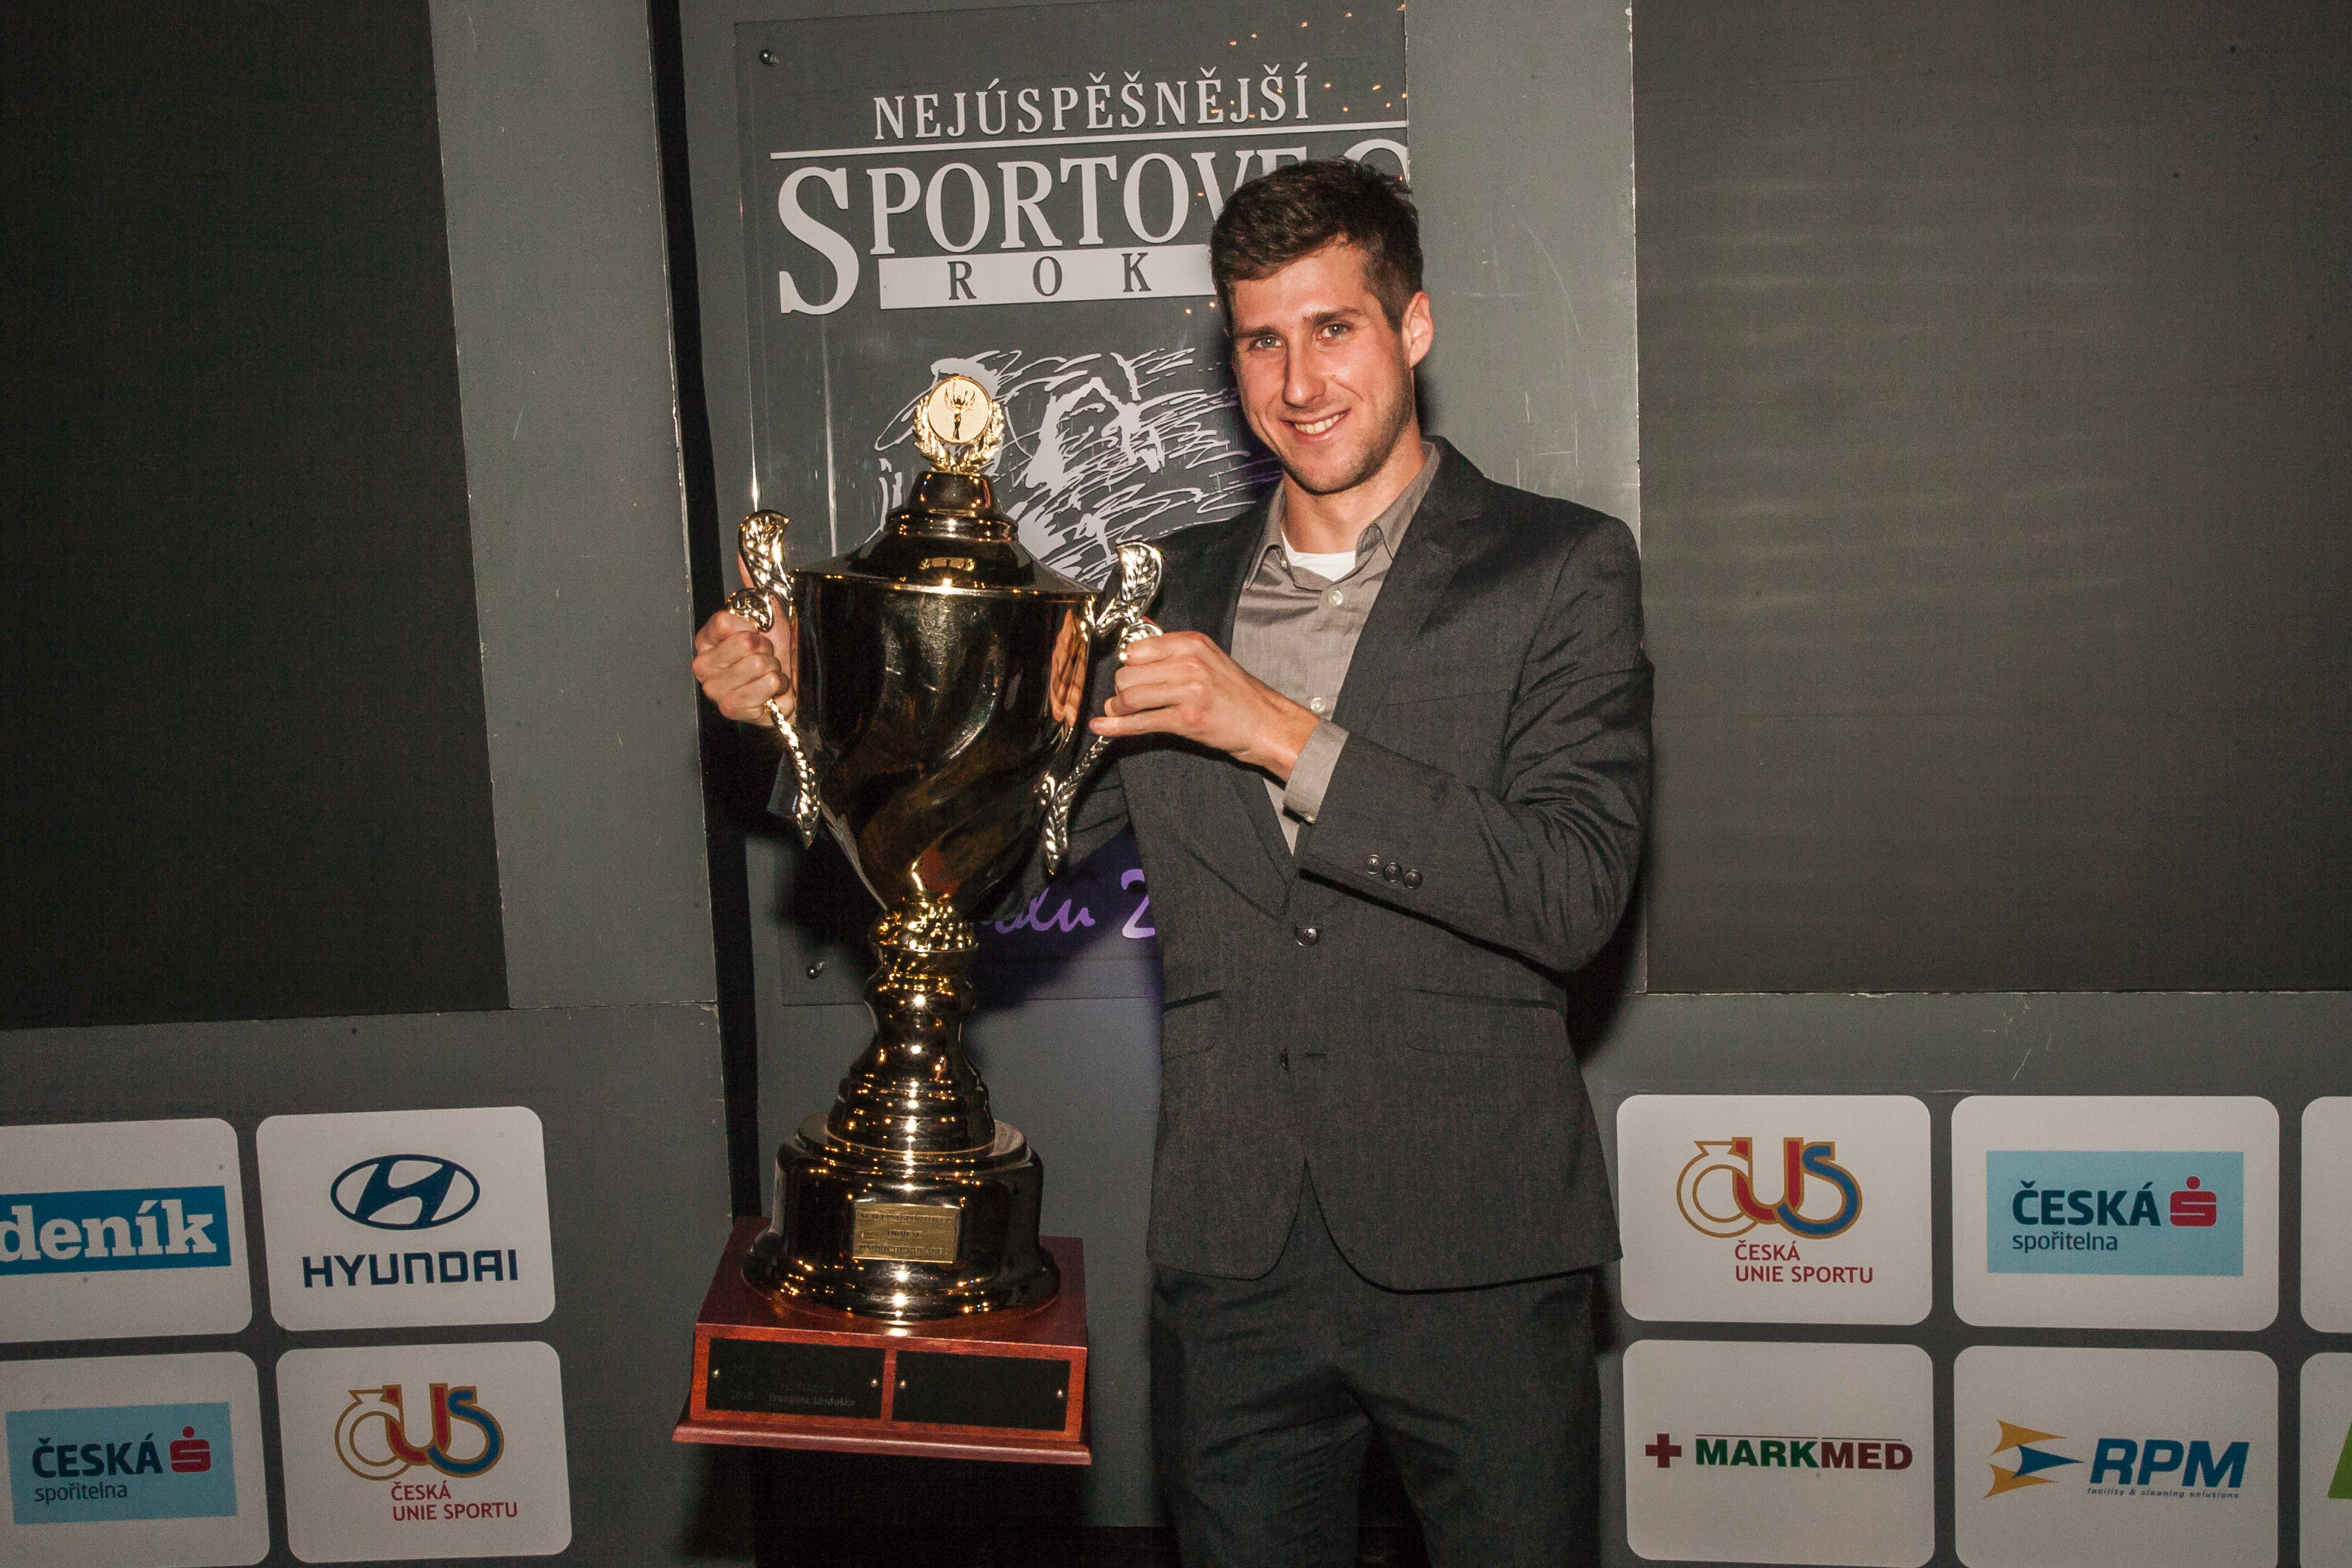 V anketě o nejúspěšnějšího sportovce zvítězil triatlonista František Linduška!